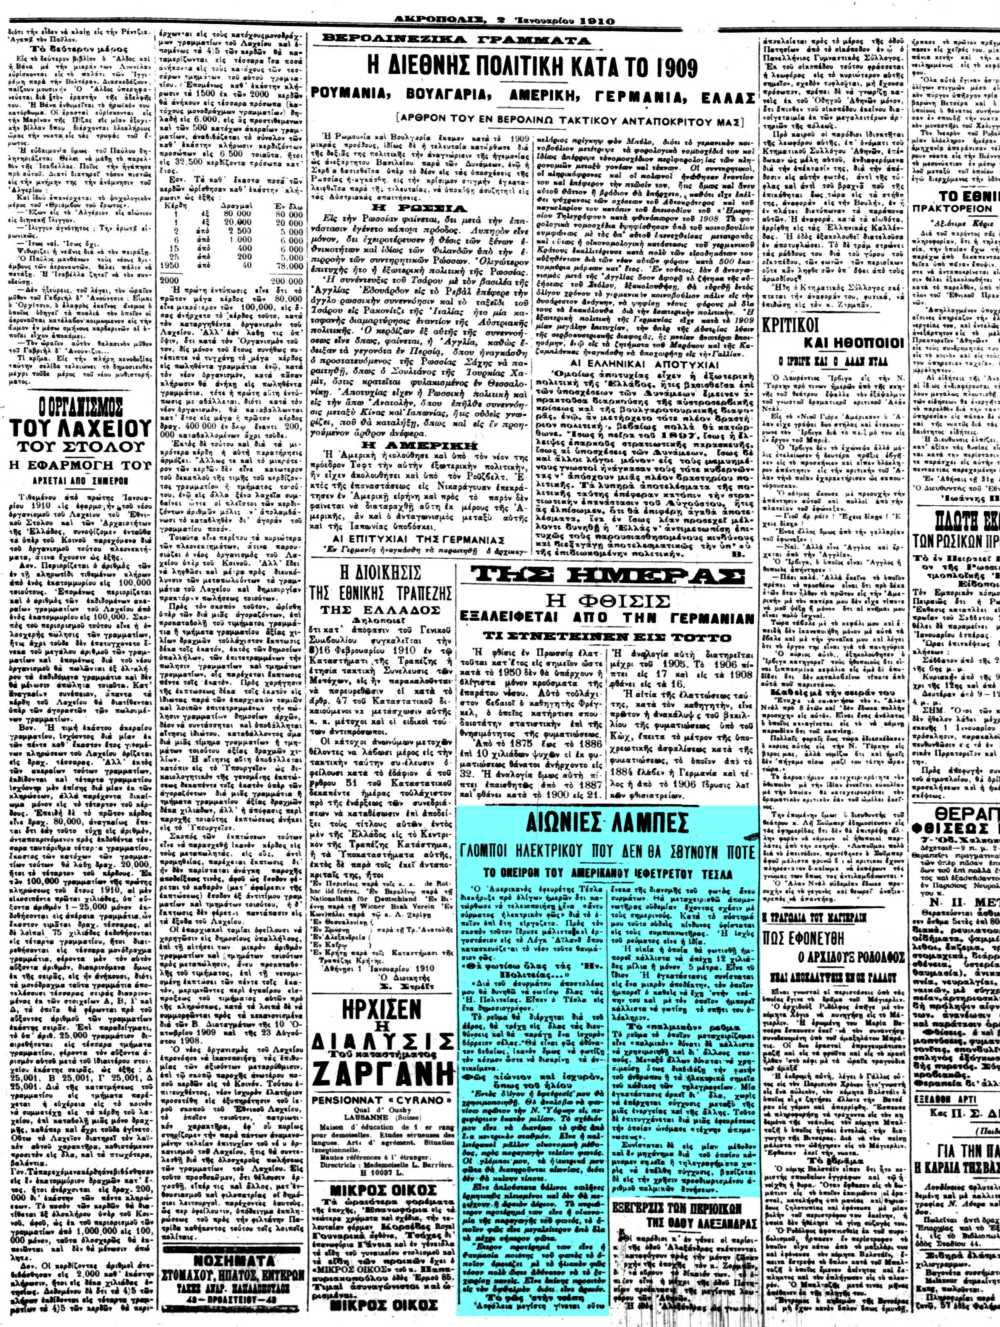 """Το άρθρο, όπως δημοσιεύθηκε στην εφημερίδα """"ΑΚΡΟΠΟΛΙΣ"""", στις 02/01/1910"""